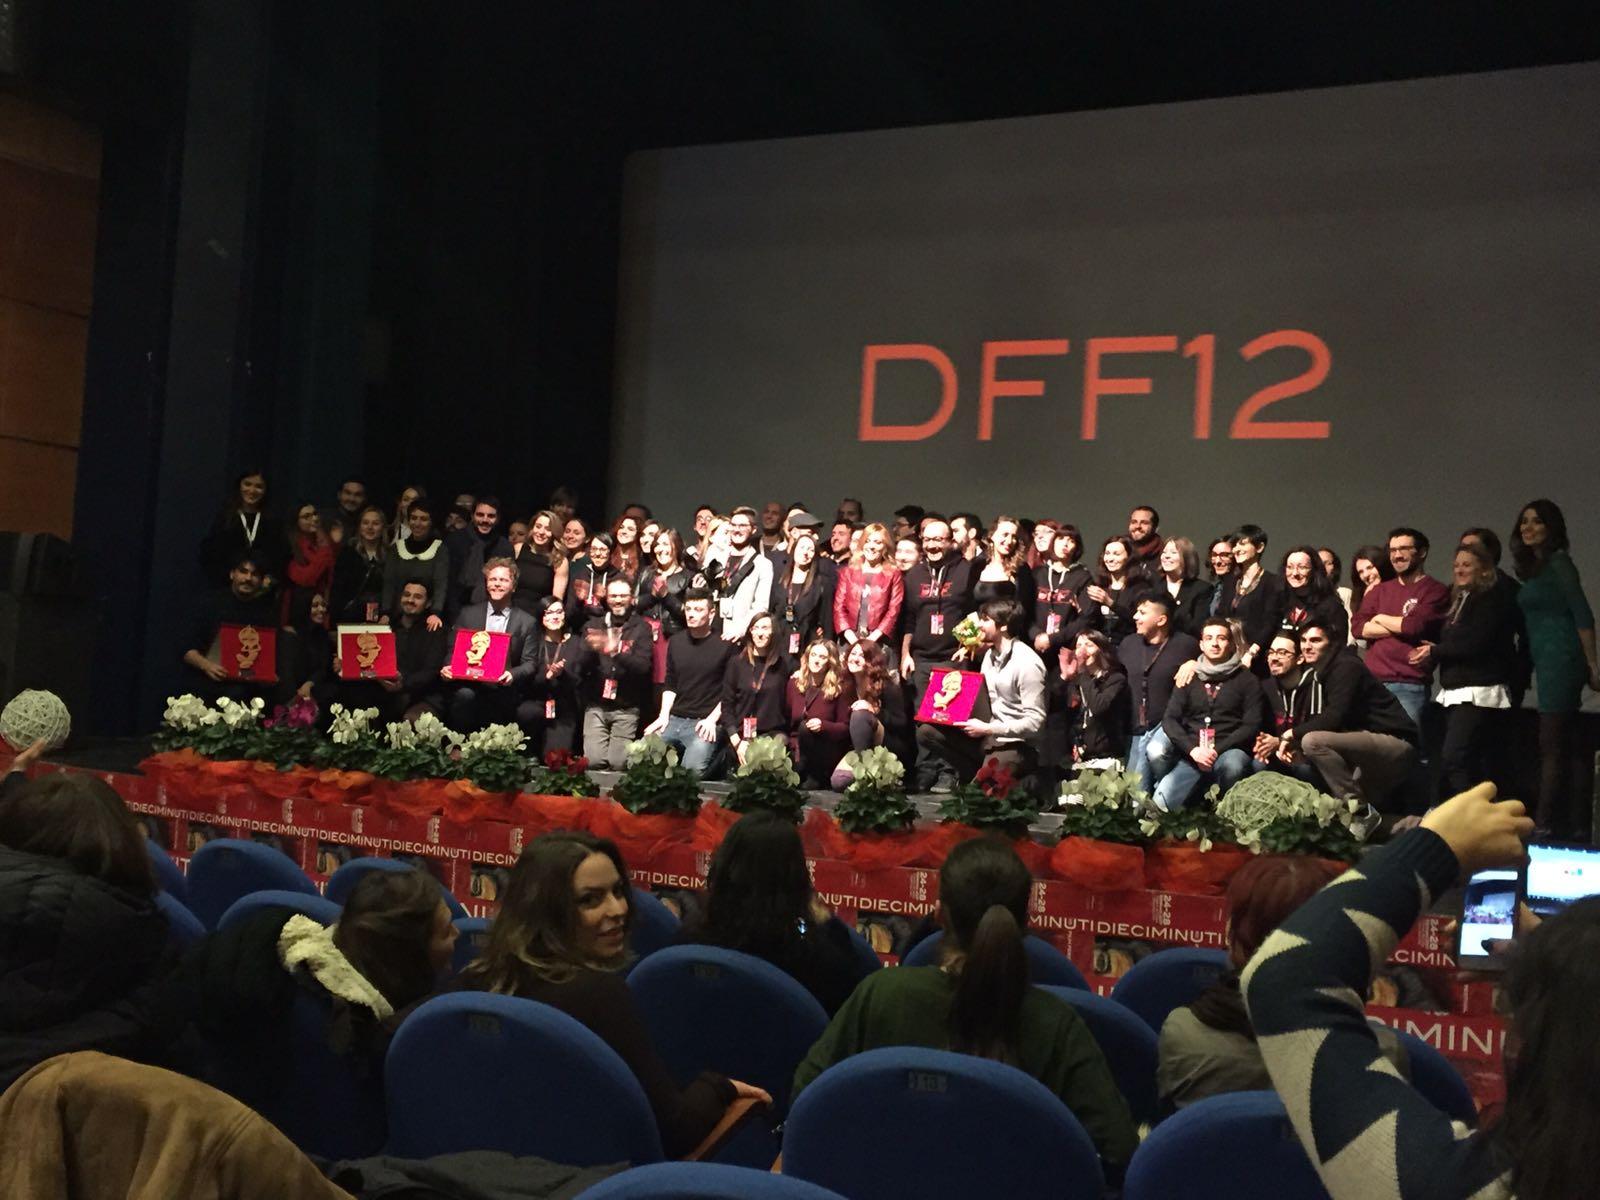 Serata Finale del DFF12